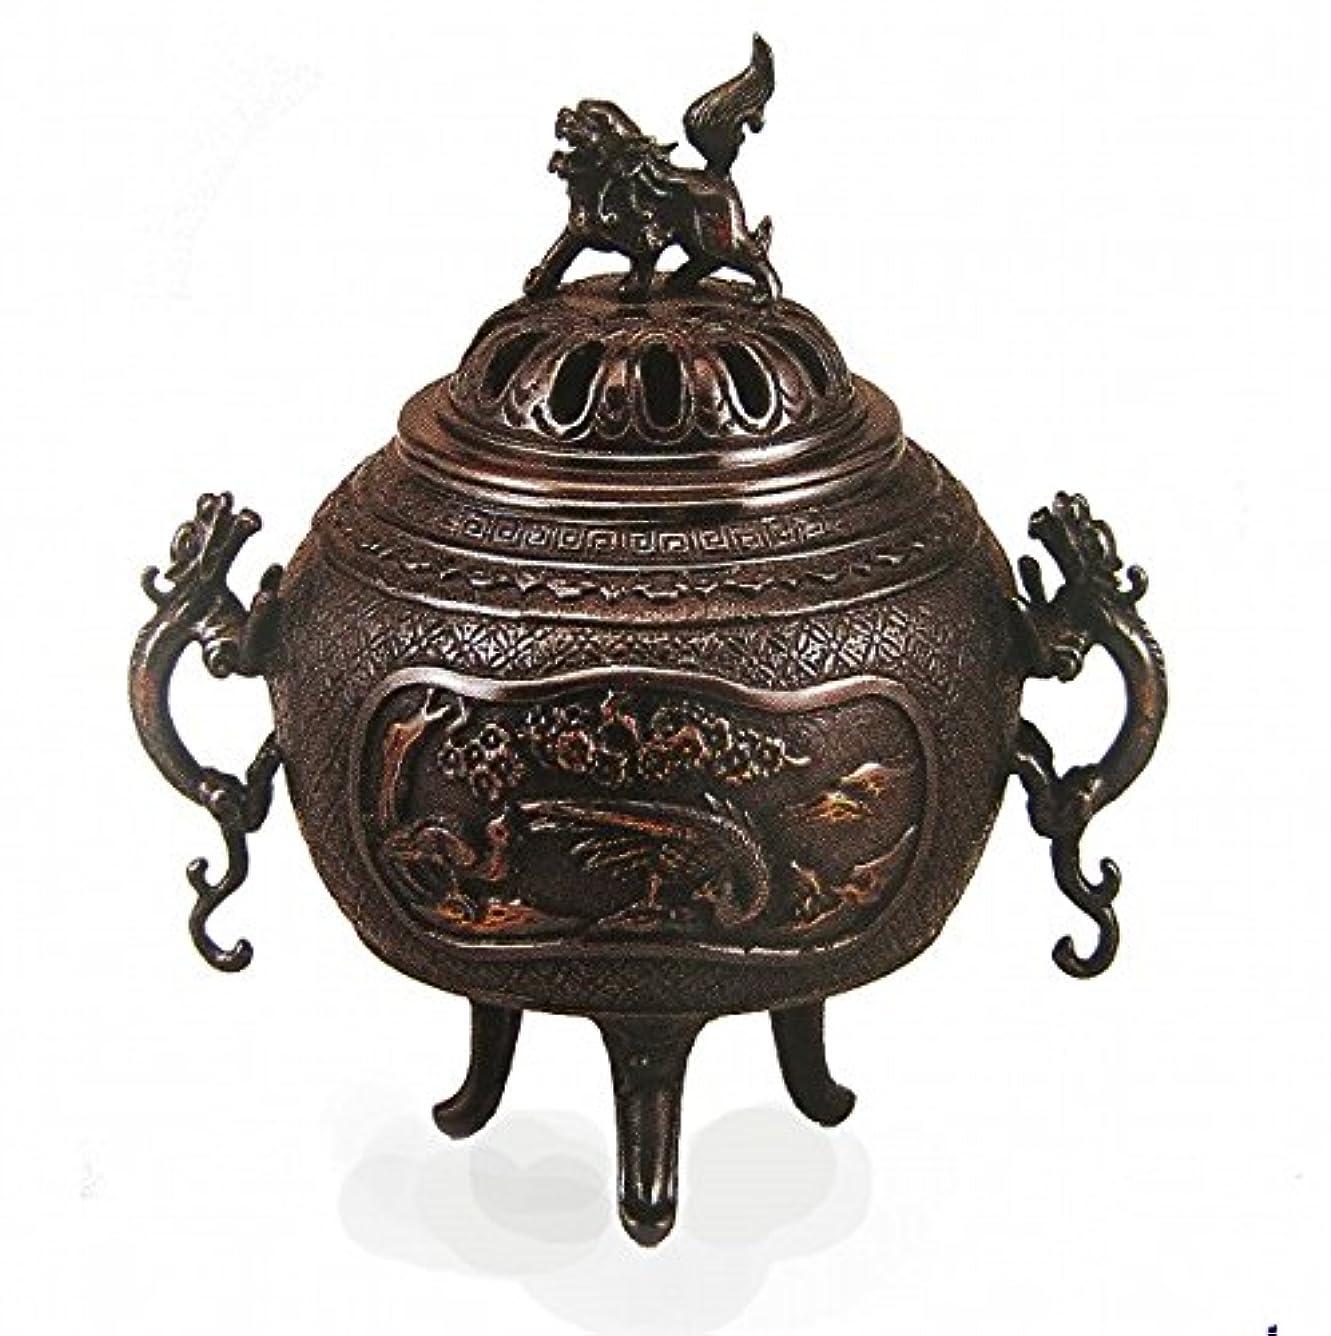 ペインティング糞『花鳥香炉』銅製